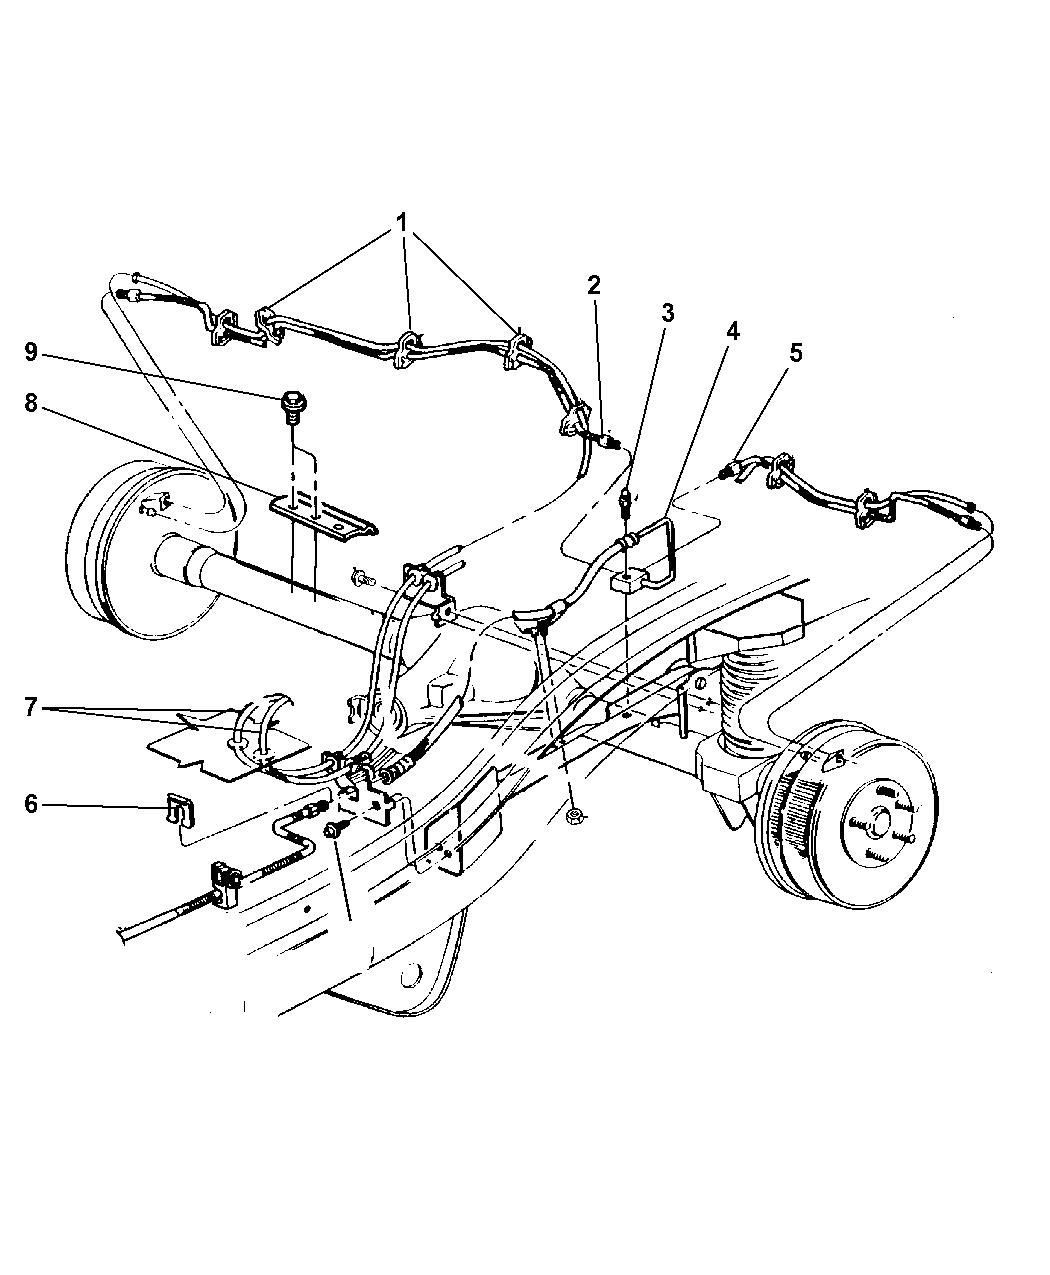 1990 jeep cherokee 4 0 vacuum hose diagram wiring